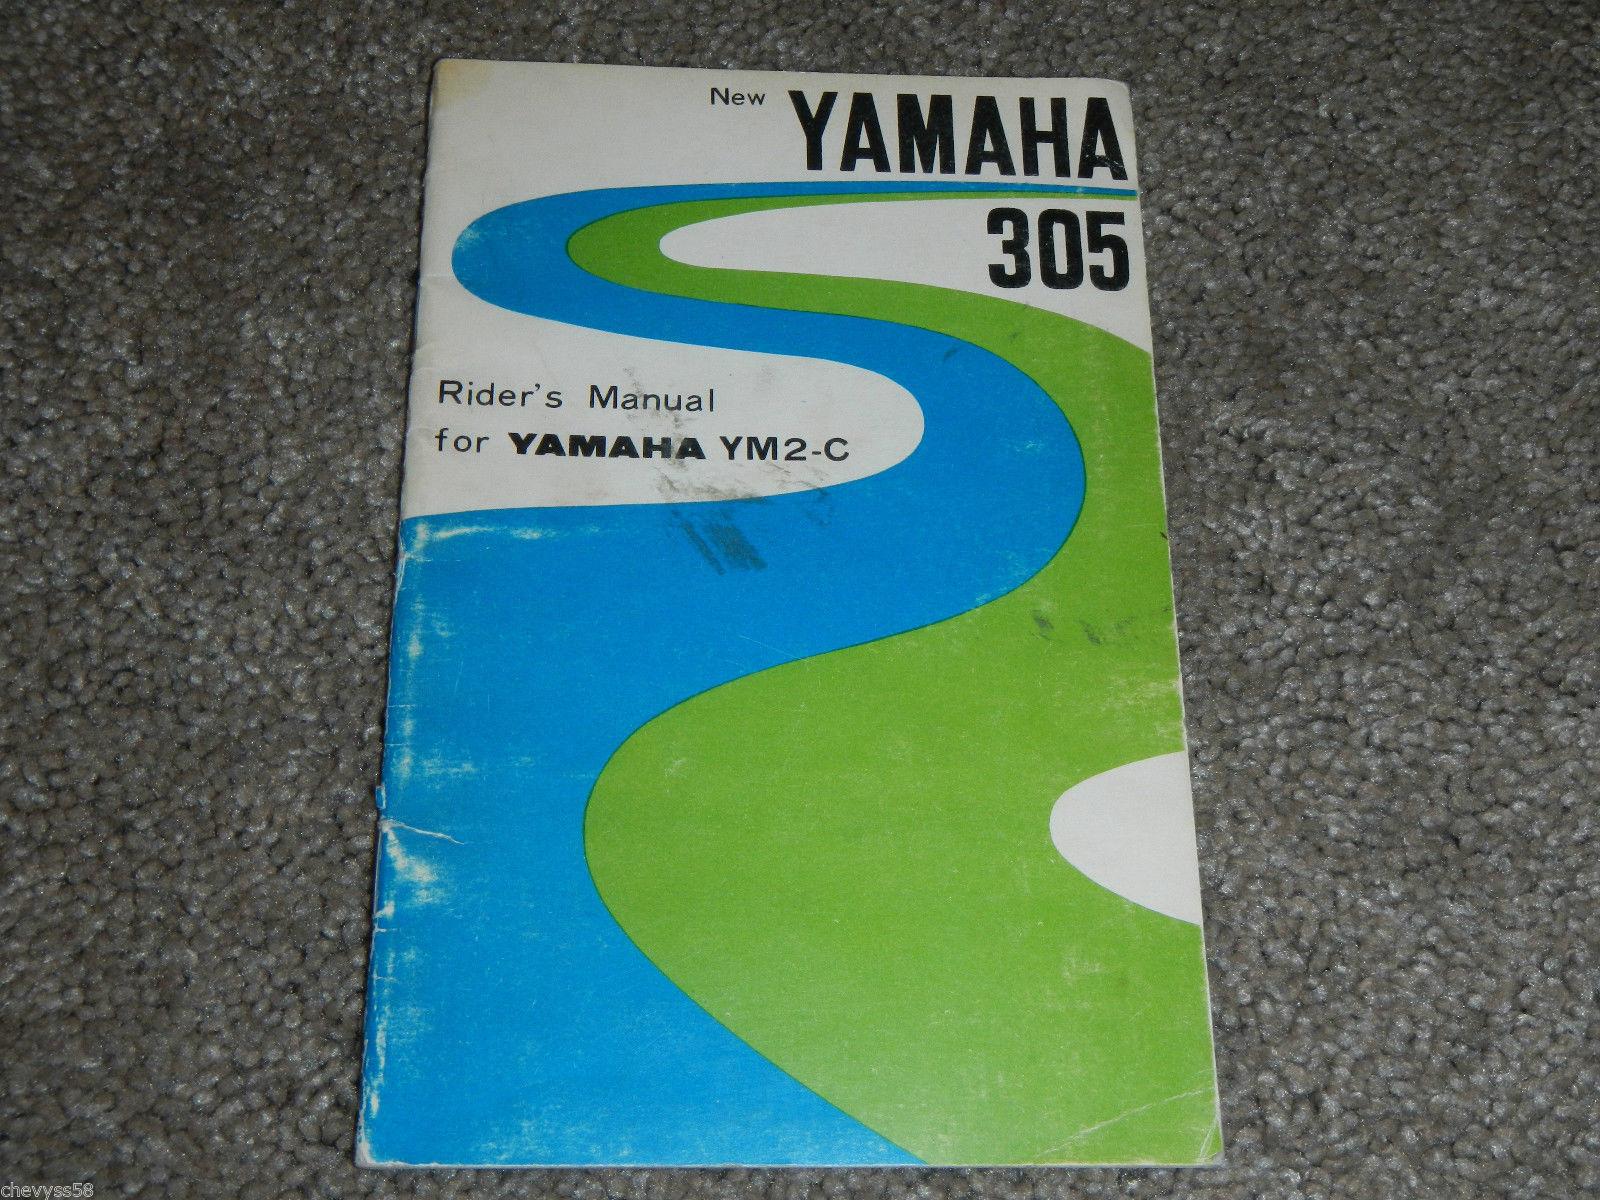 1967 67 yamaha ym2 c 305 ym2c big bear rider and 15 similar items rh bonanza com Yamaha Banshee Wiring-Diagram Yamaha Raider Wiring-Diagram